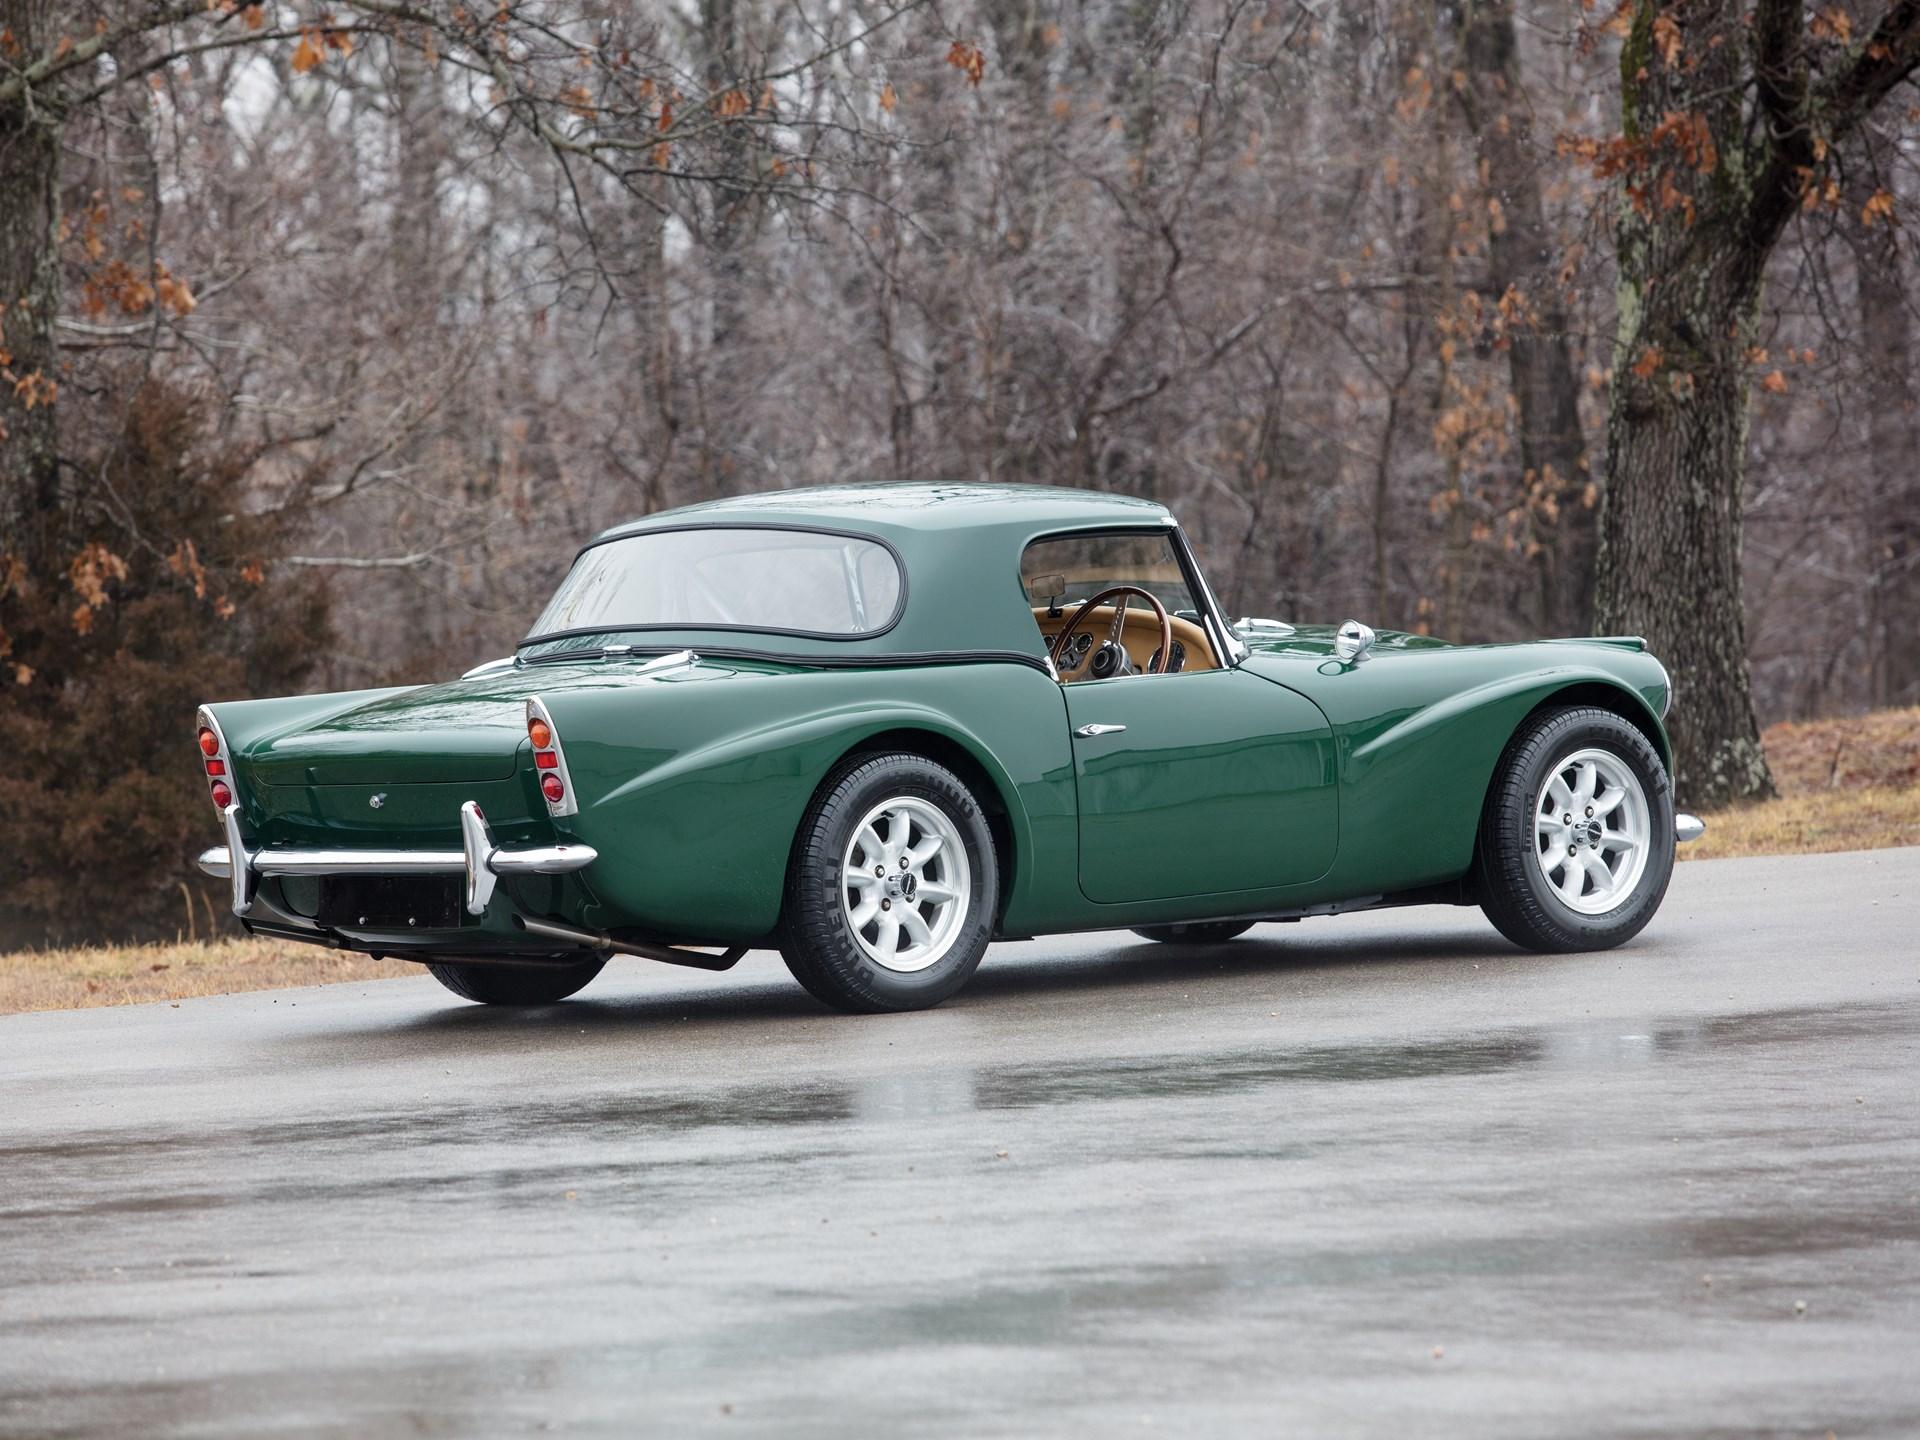 1963 Daimler SP250 green